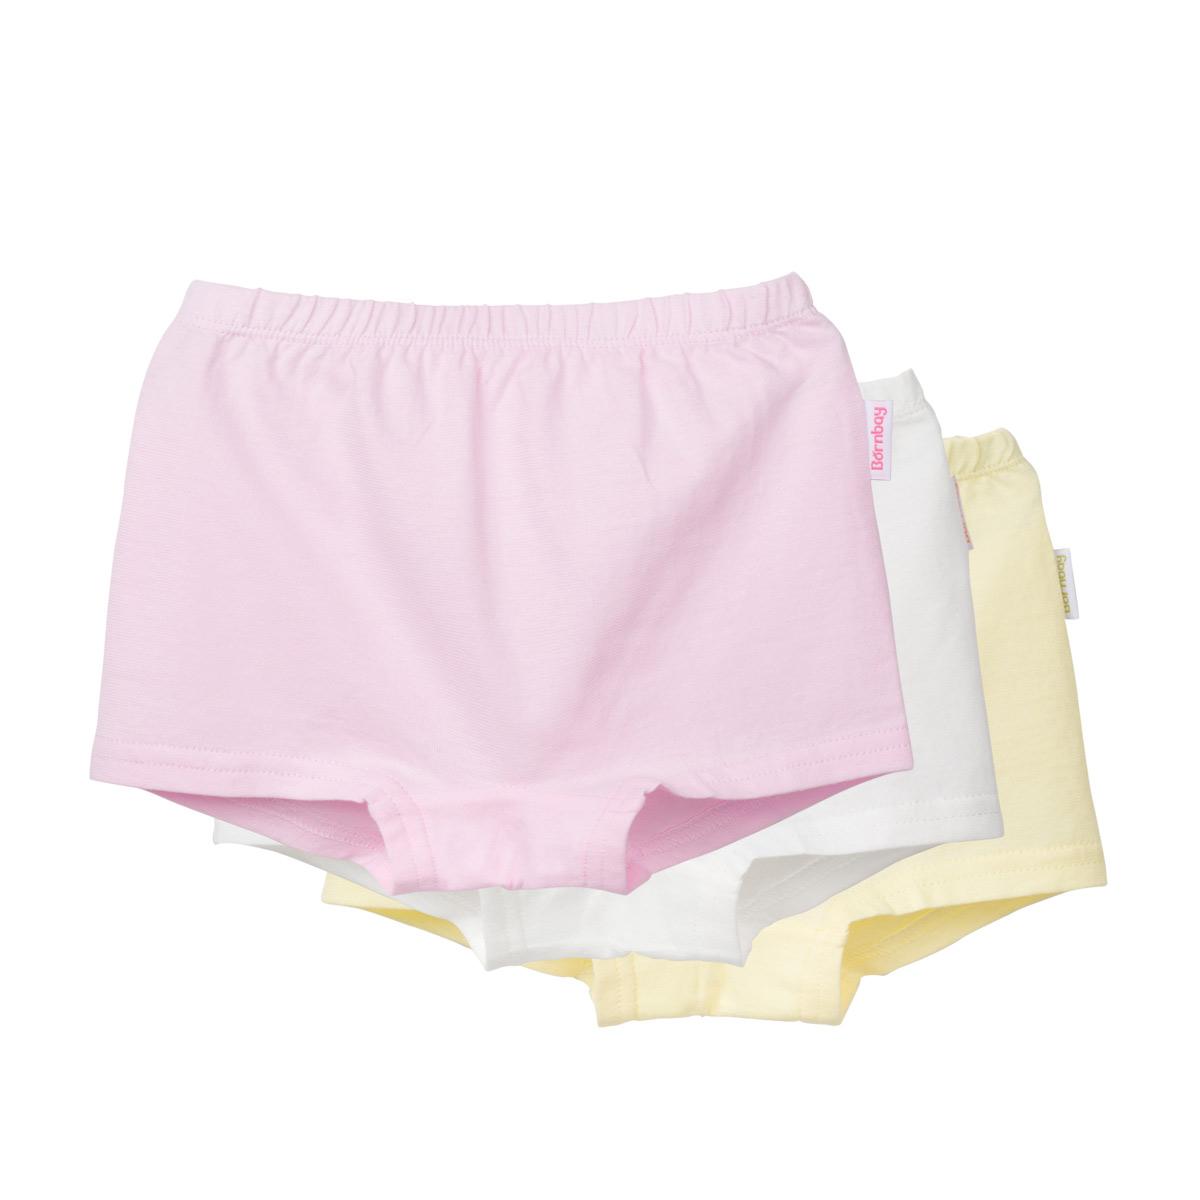 貝貝怡嬰兒素色內褲男女寶寶純棉平角內褲兒童衣服^(3條裝^)BB9016